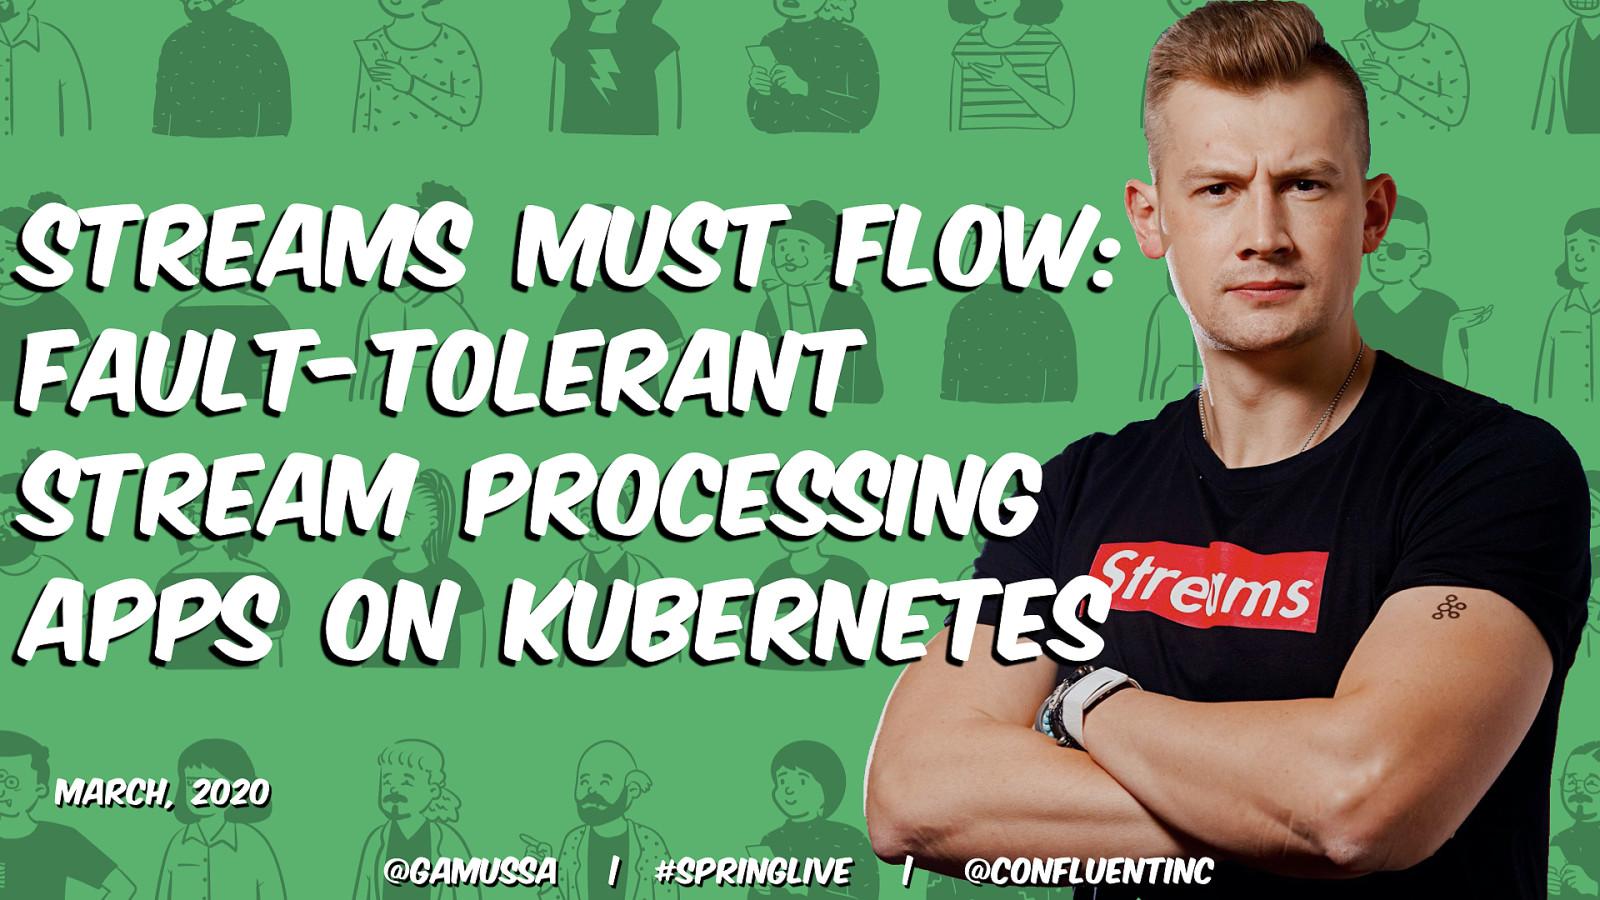 Streams Must Flow!